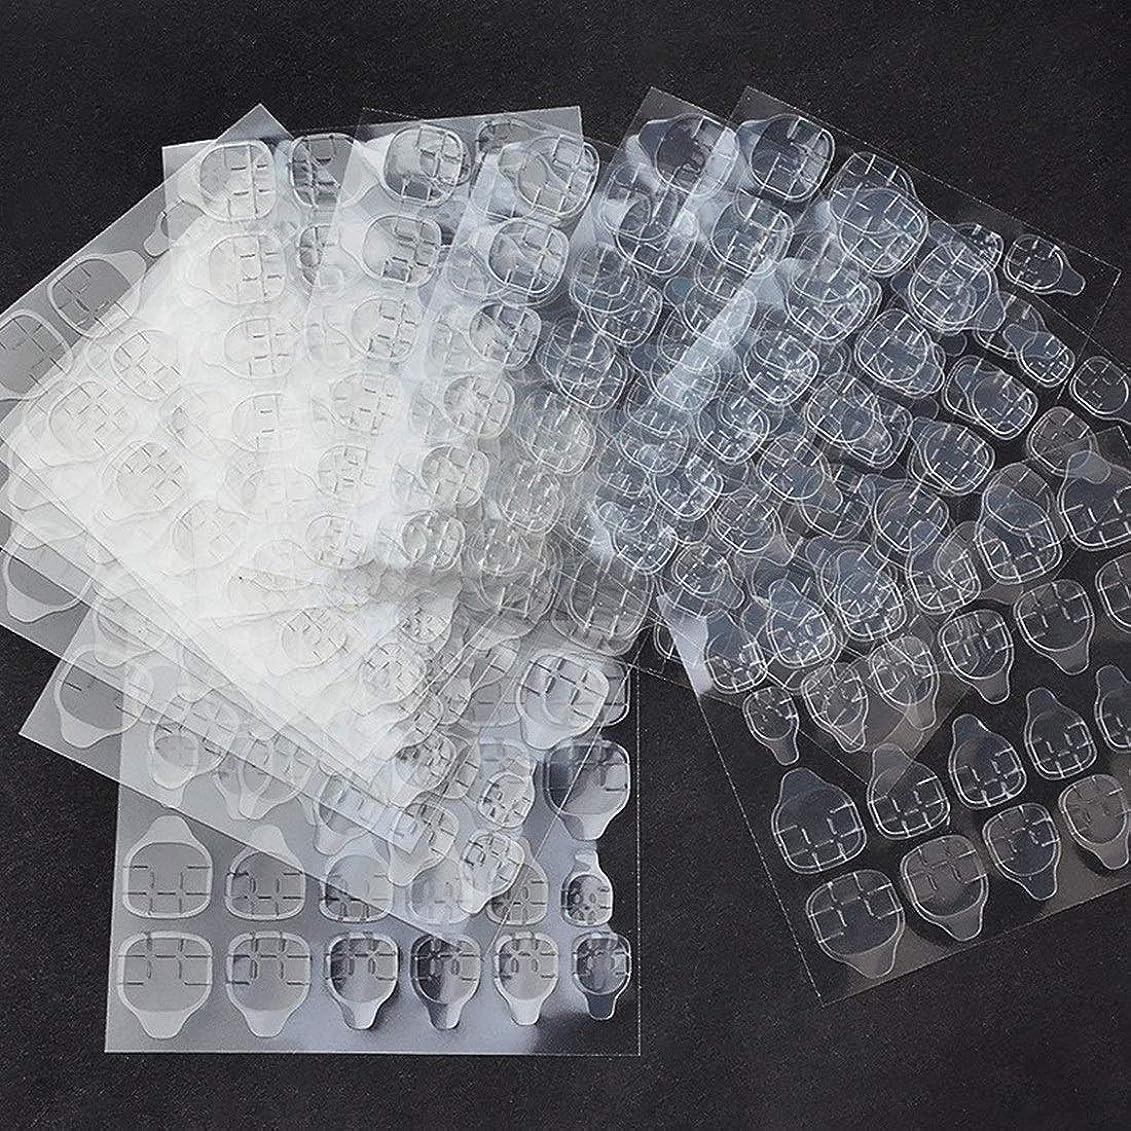 エキス精神医学整理するKerwinner 10枚防水通気性透明超薄型両面接着タブネイルグルーステッカー偽ネイルのヒント